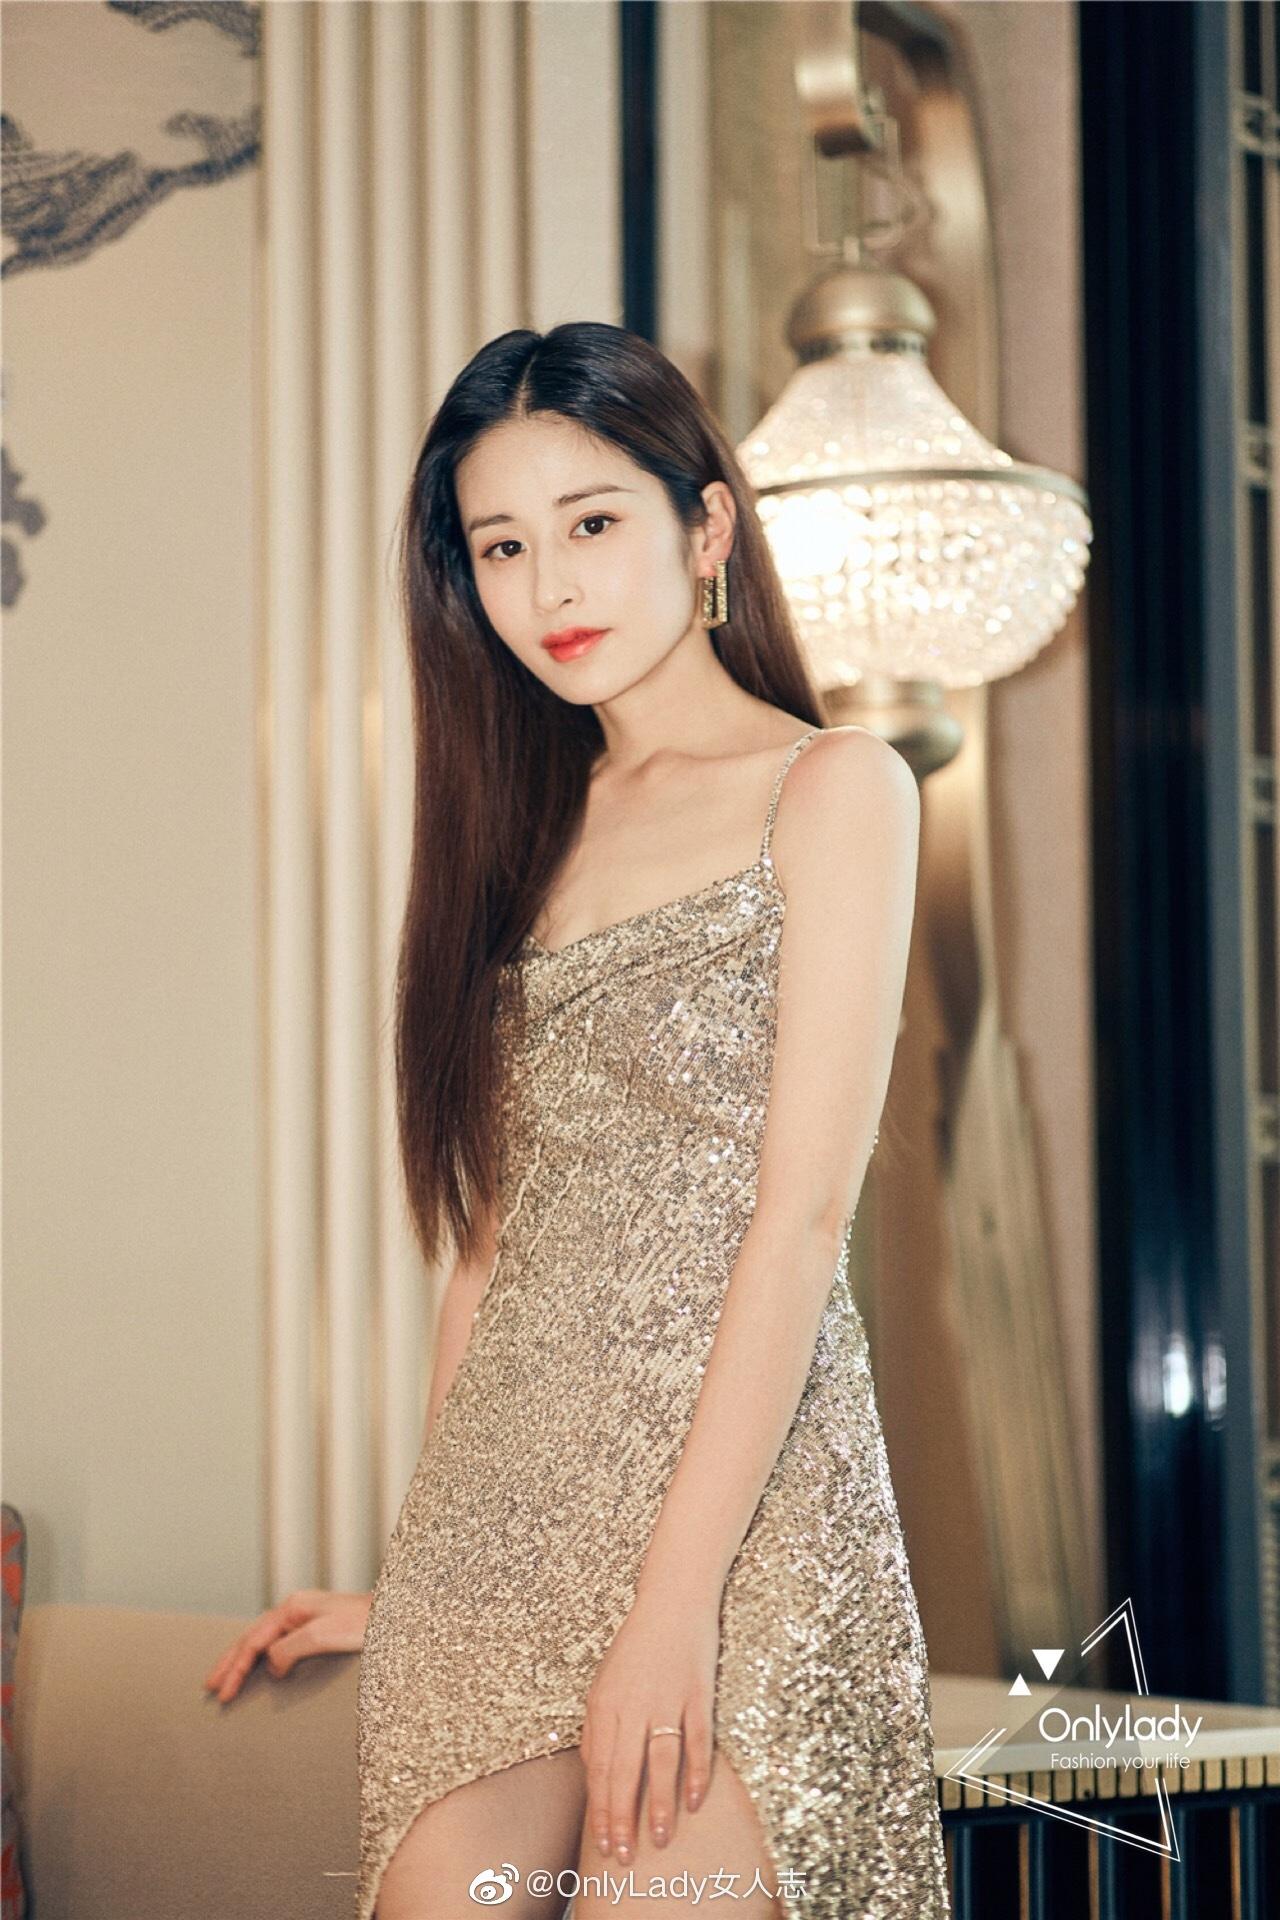 @颖儿Yinger 穿着金色闪片礼服搭配同色系高跟鞋及耳饰